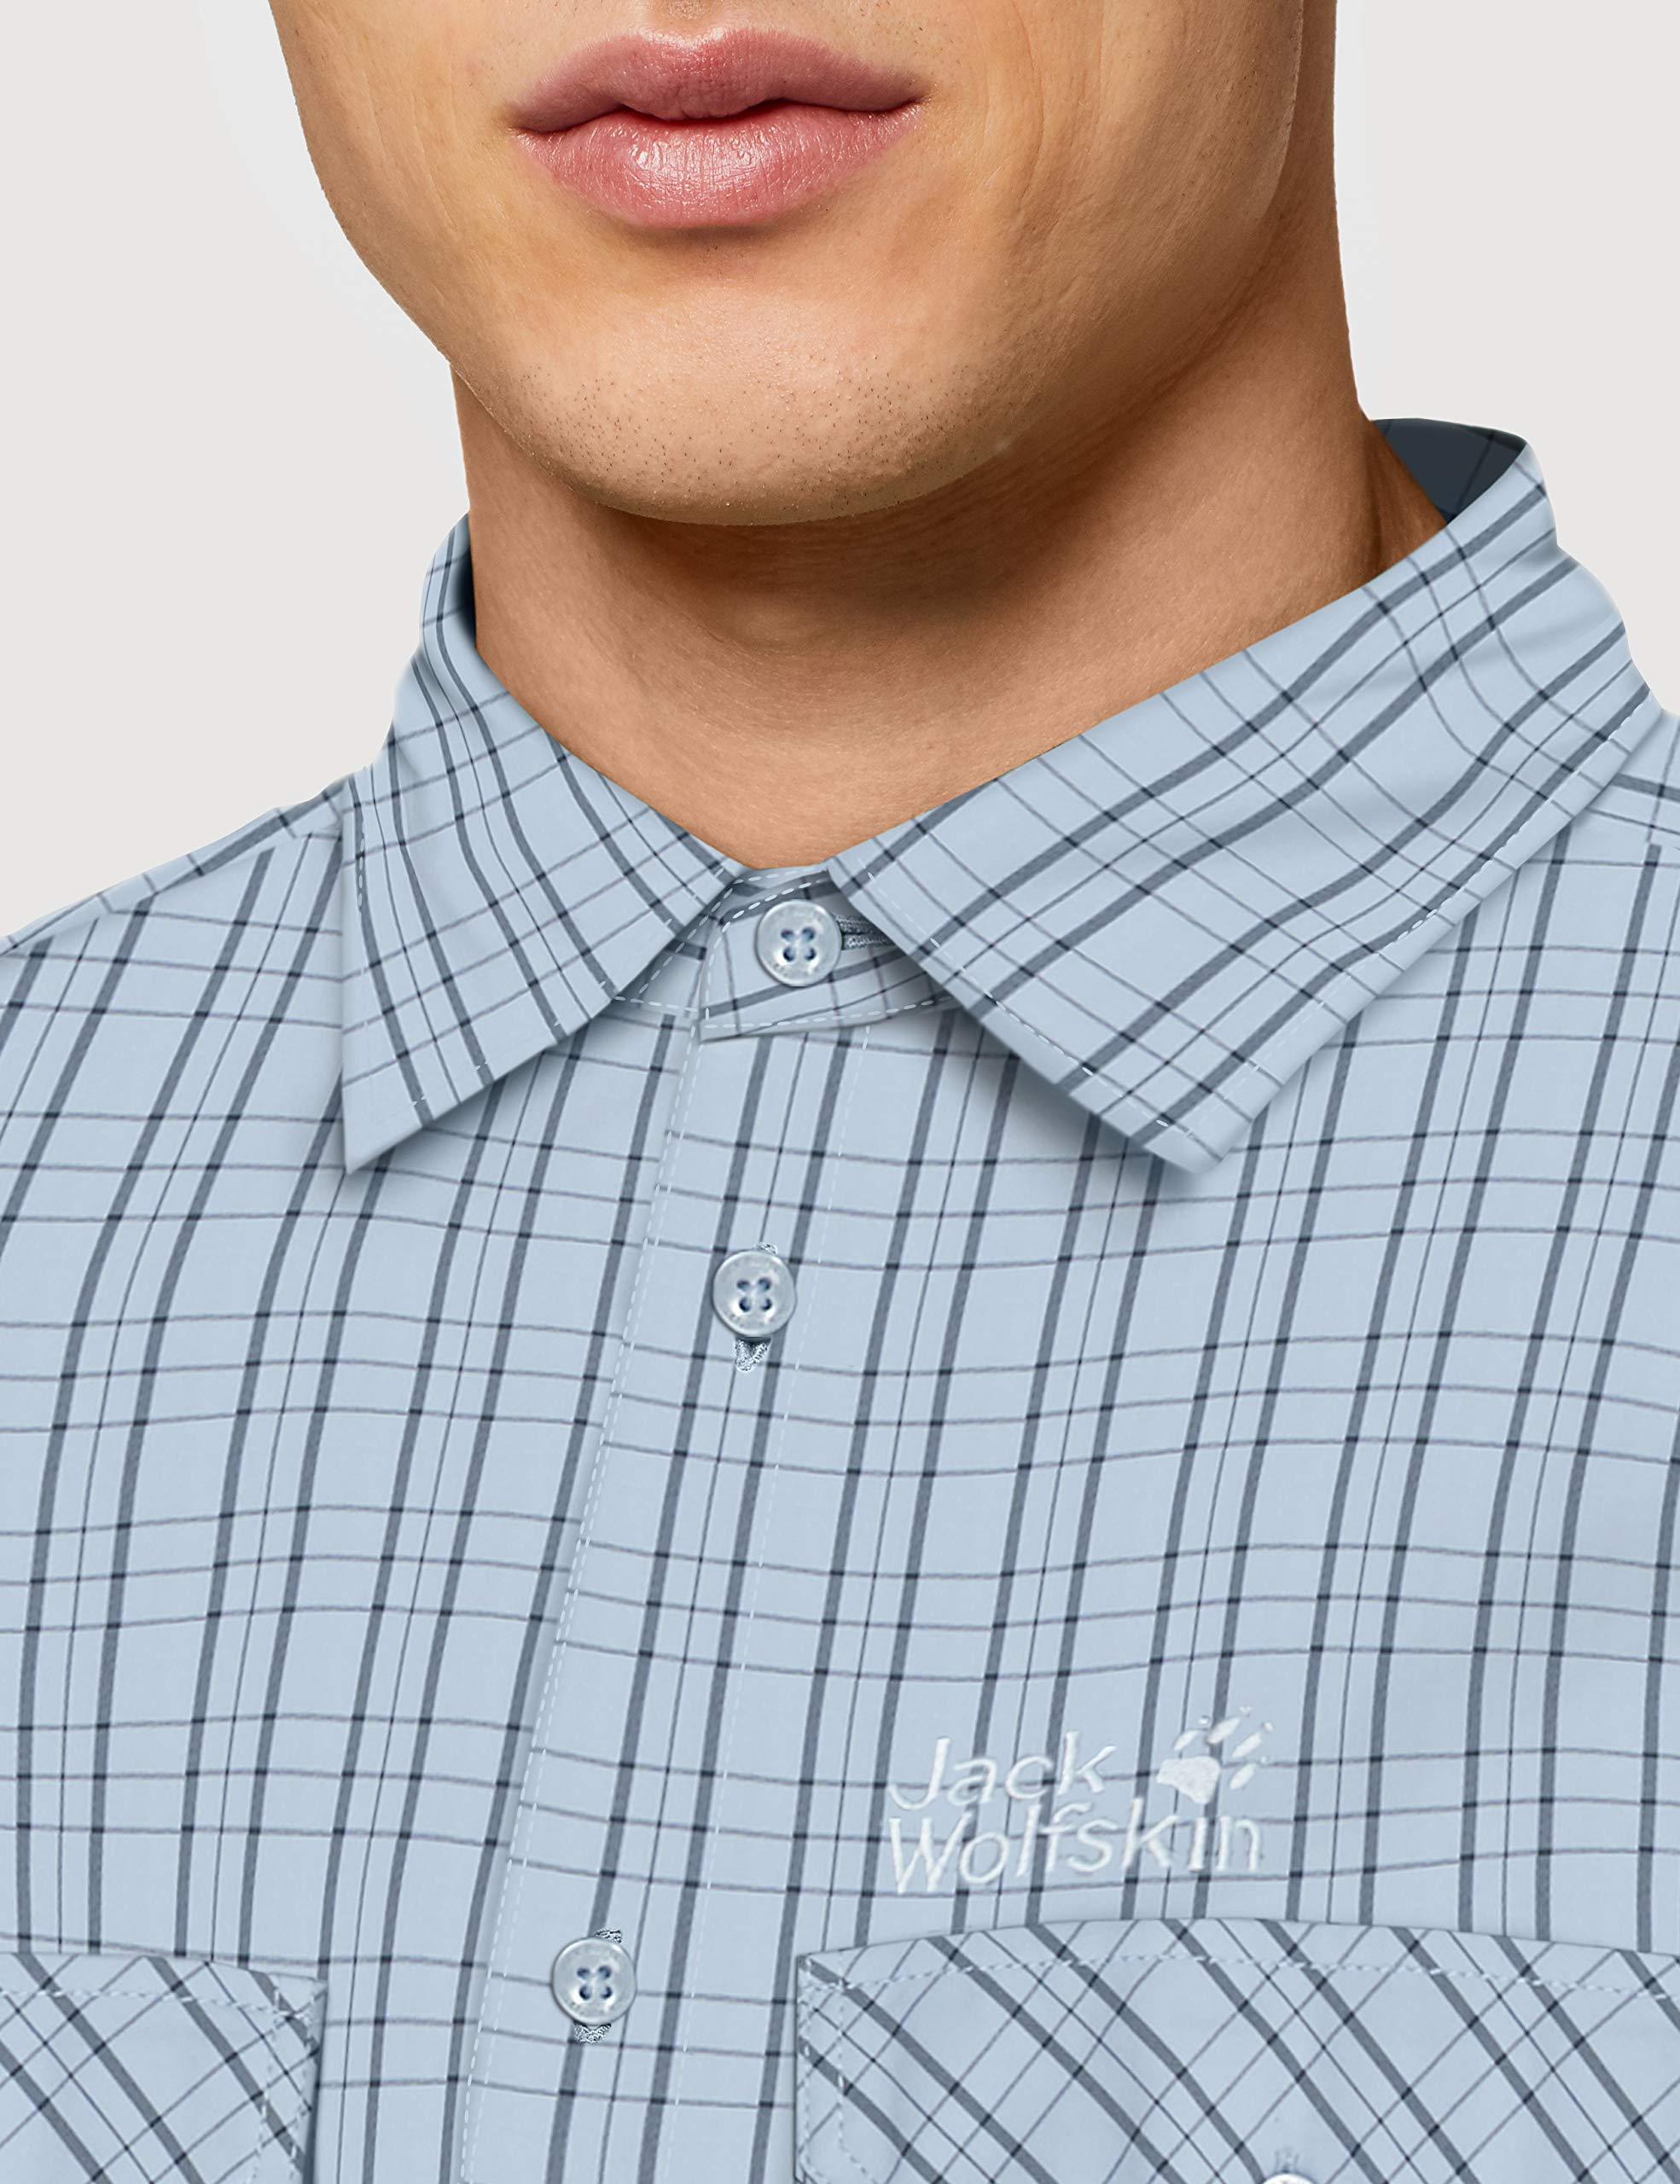 Jack Wolfskin Shirts in grün günstig kaufen